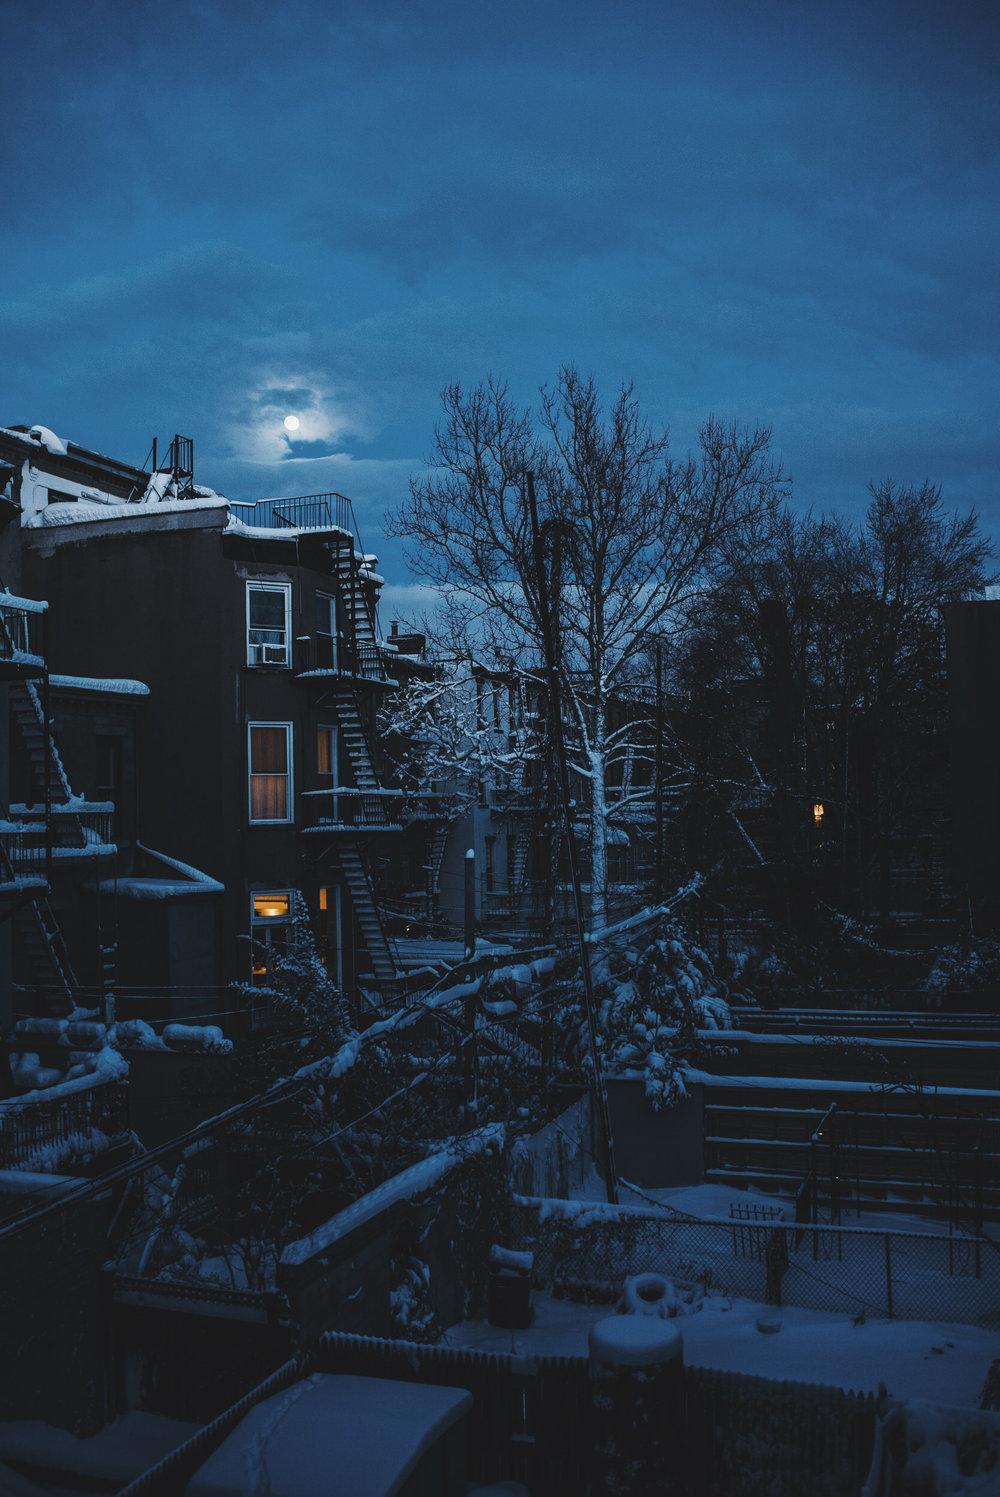 snow-131.jpg